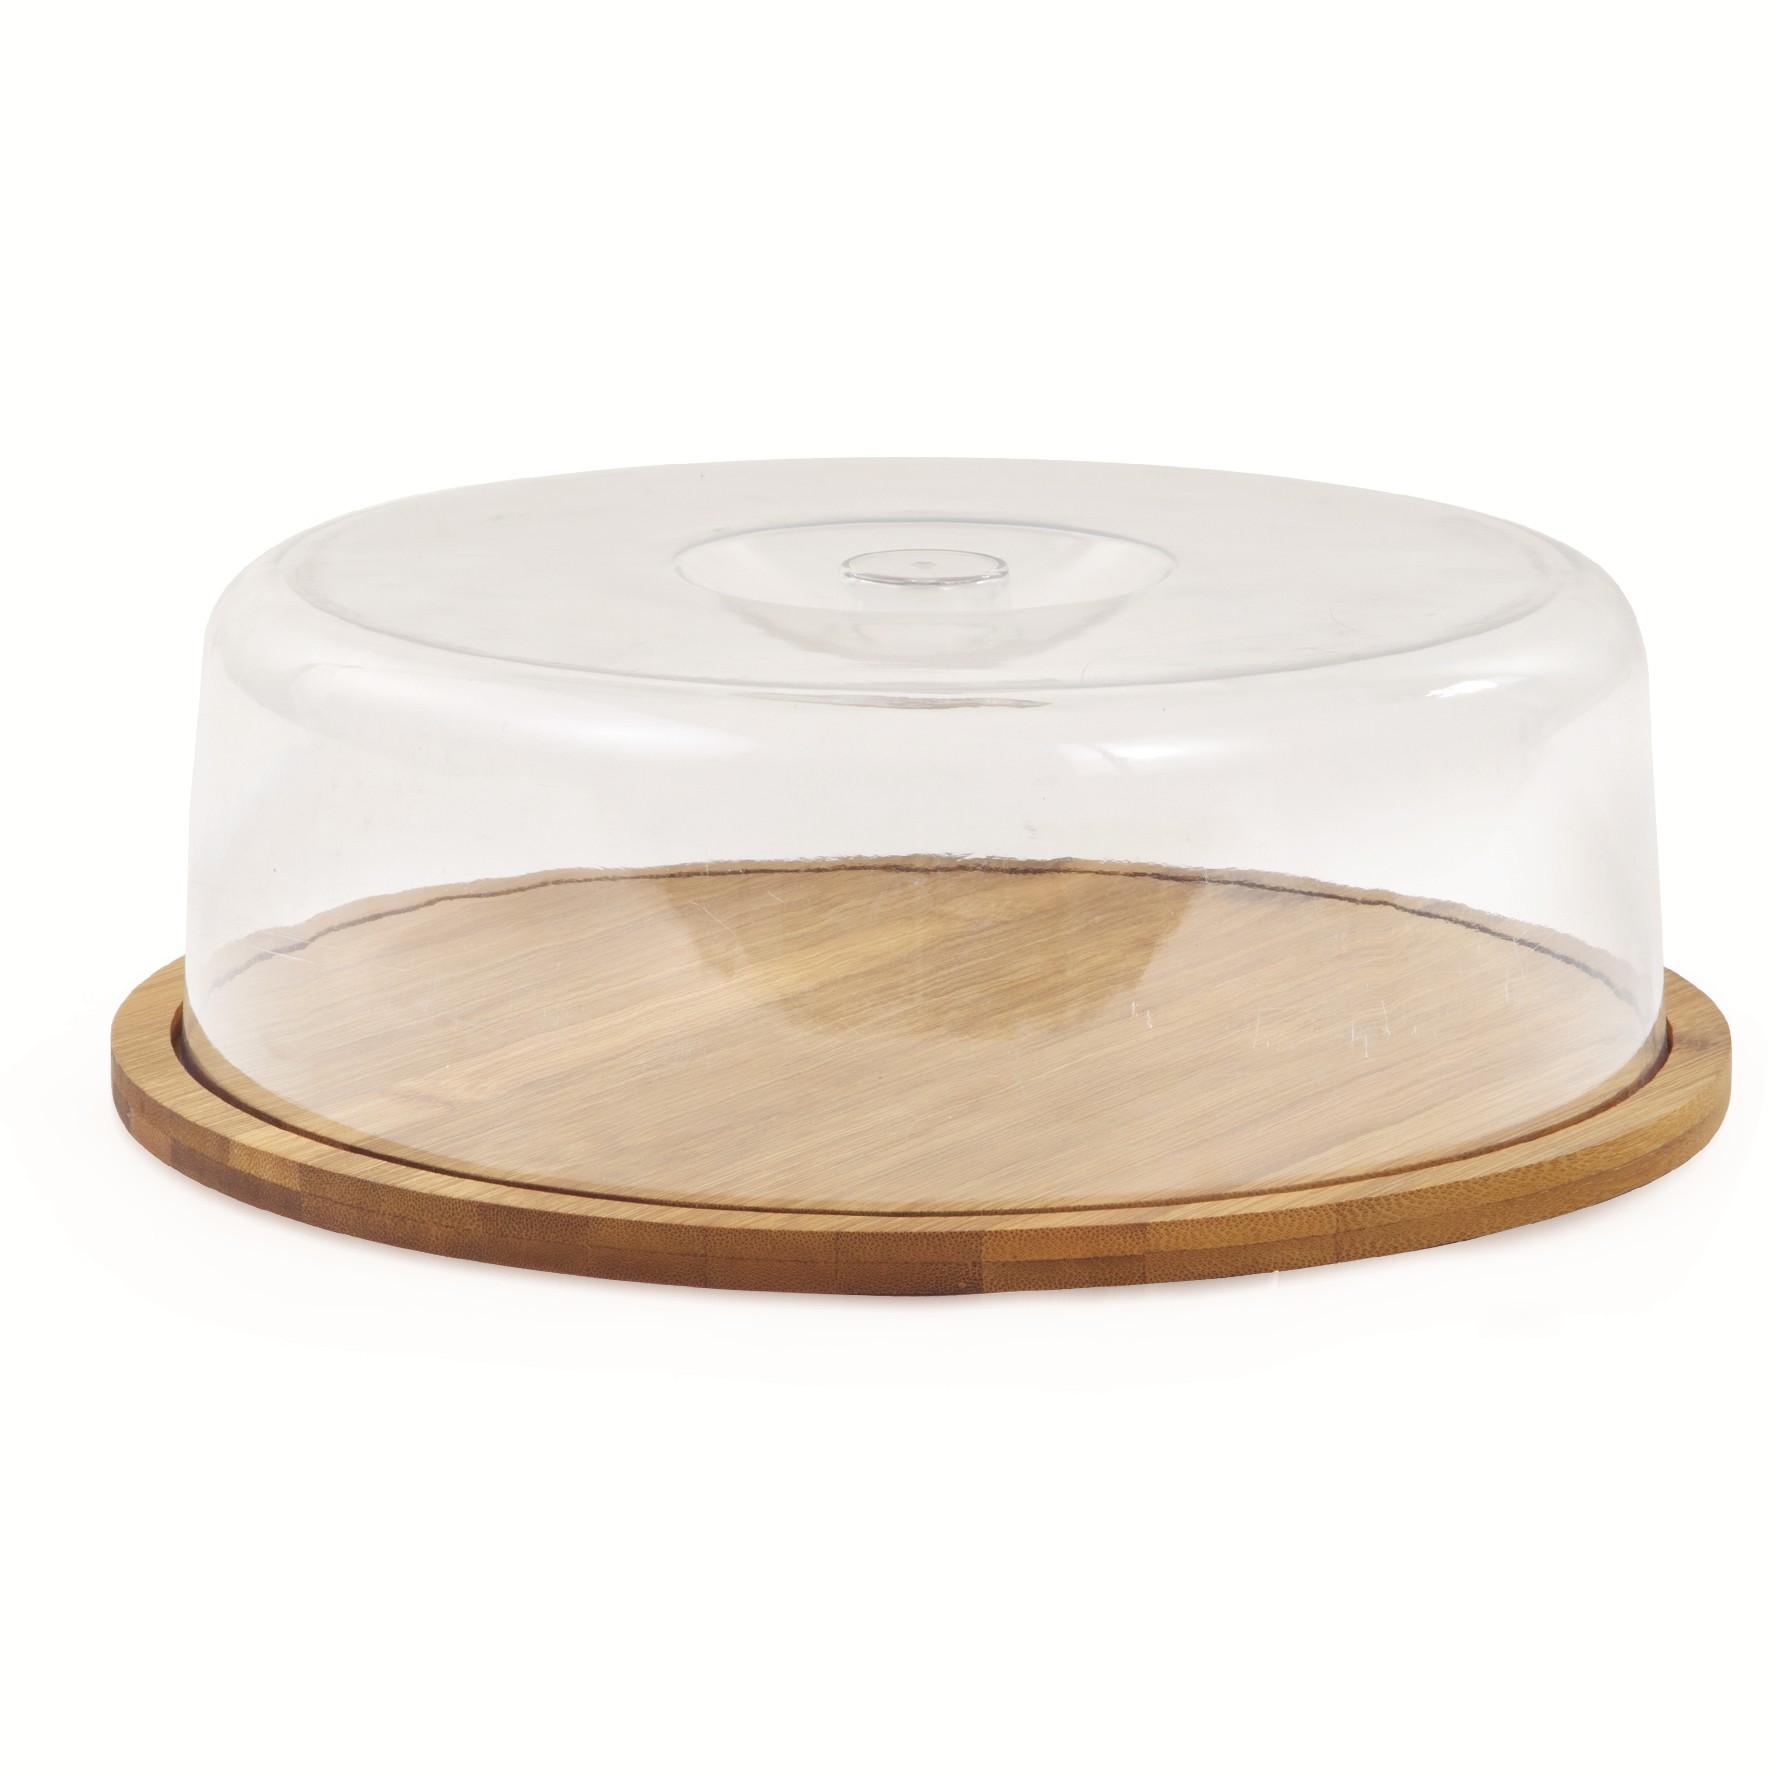 Porta-bolo Bambu e Plastico 275cm - Mimo Style